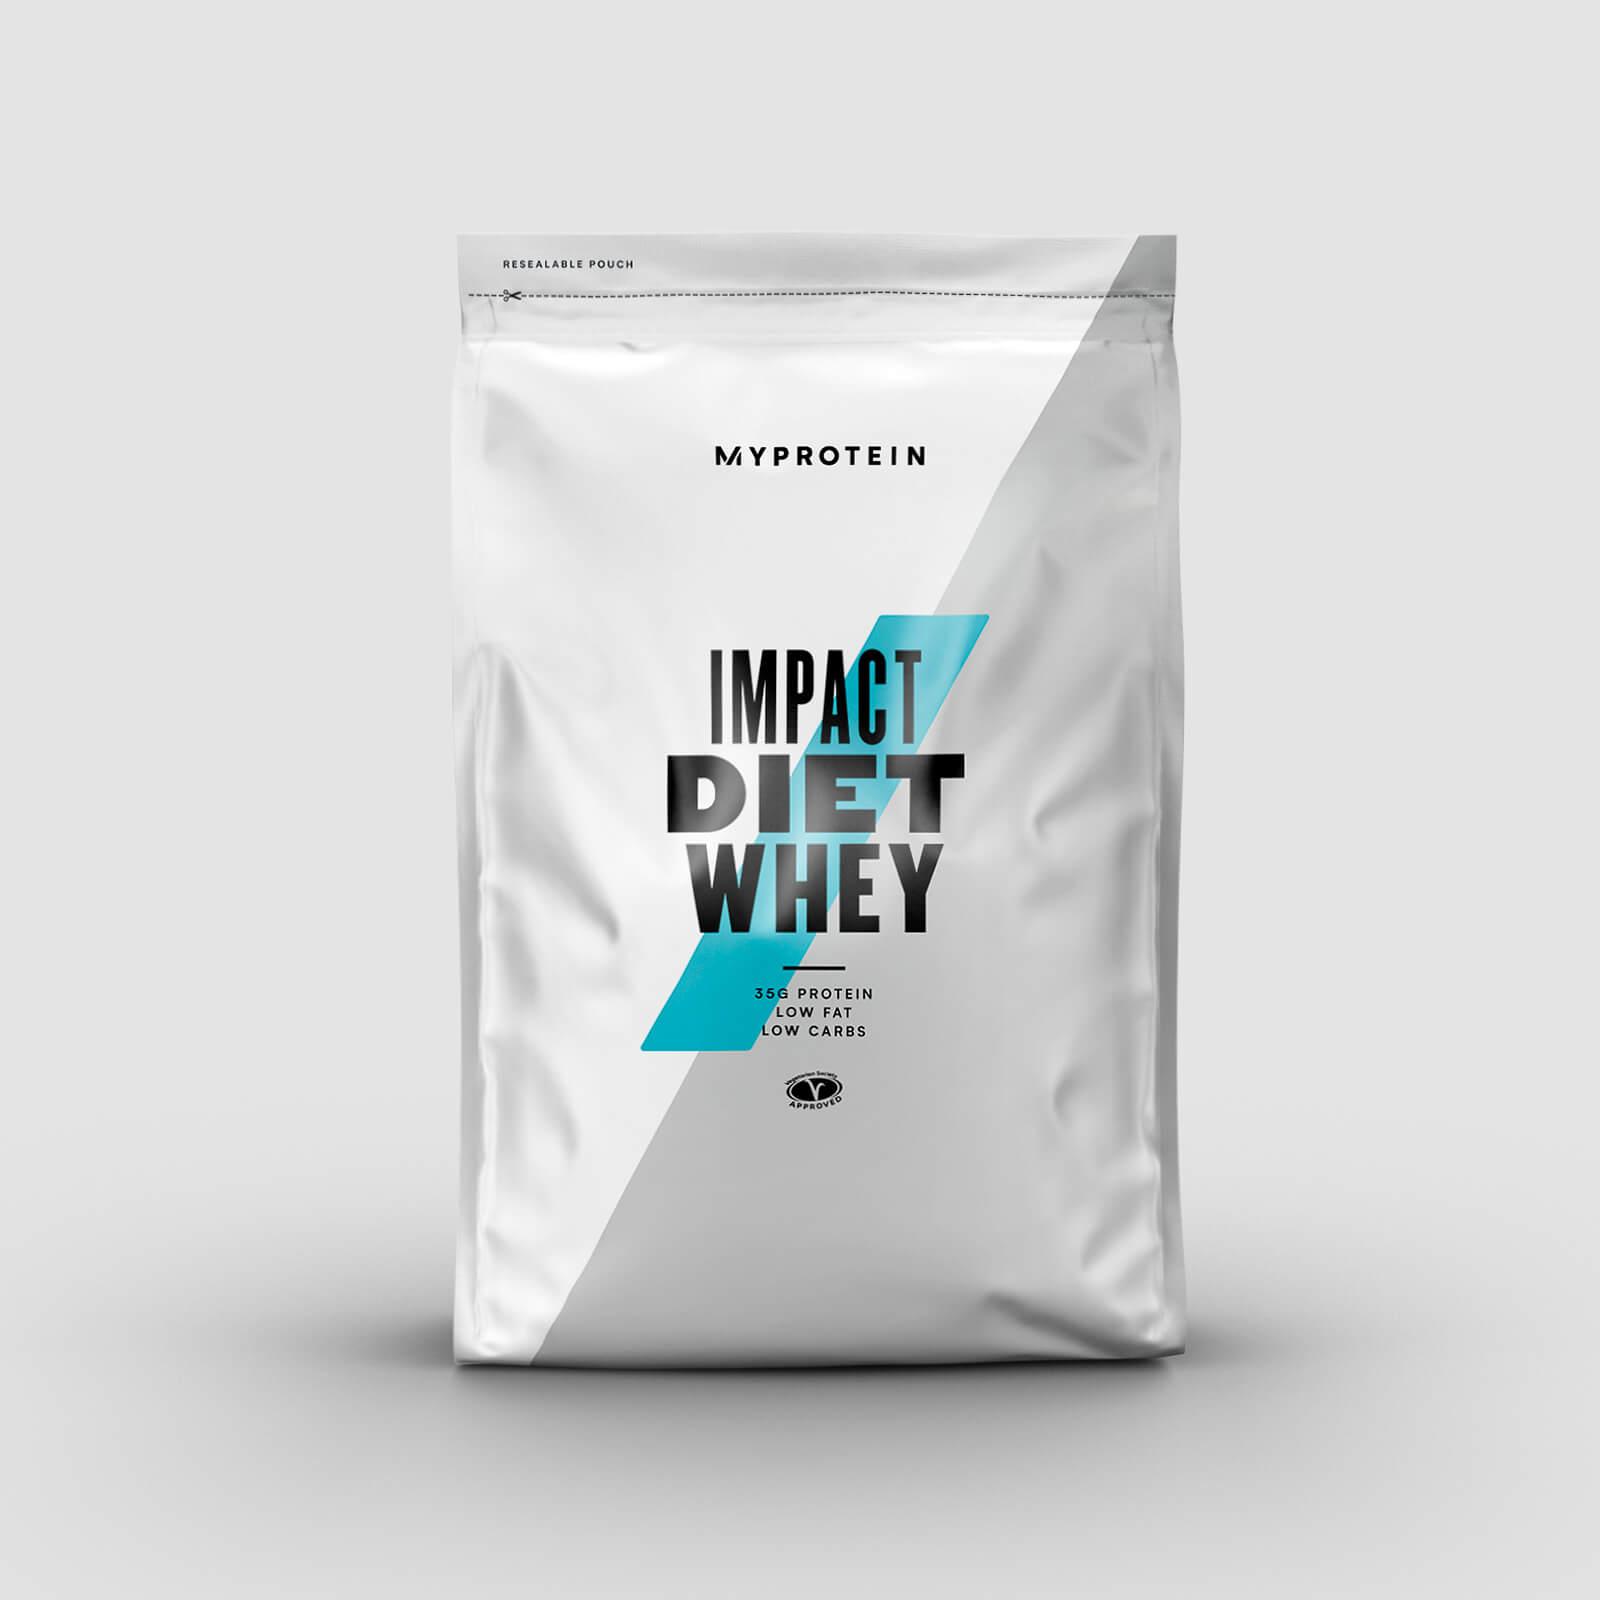 Myprotein Impact Diet Whey - 1kg - Menthe chocolat